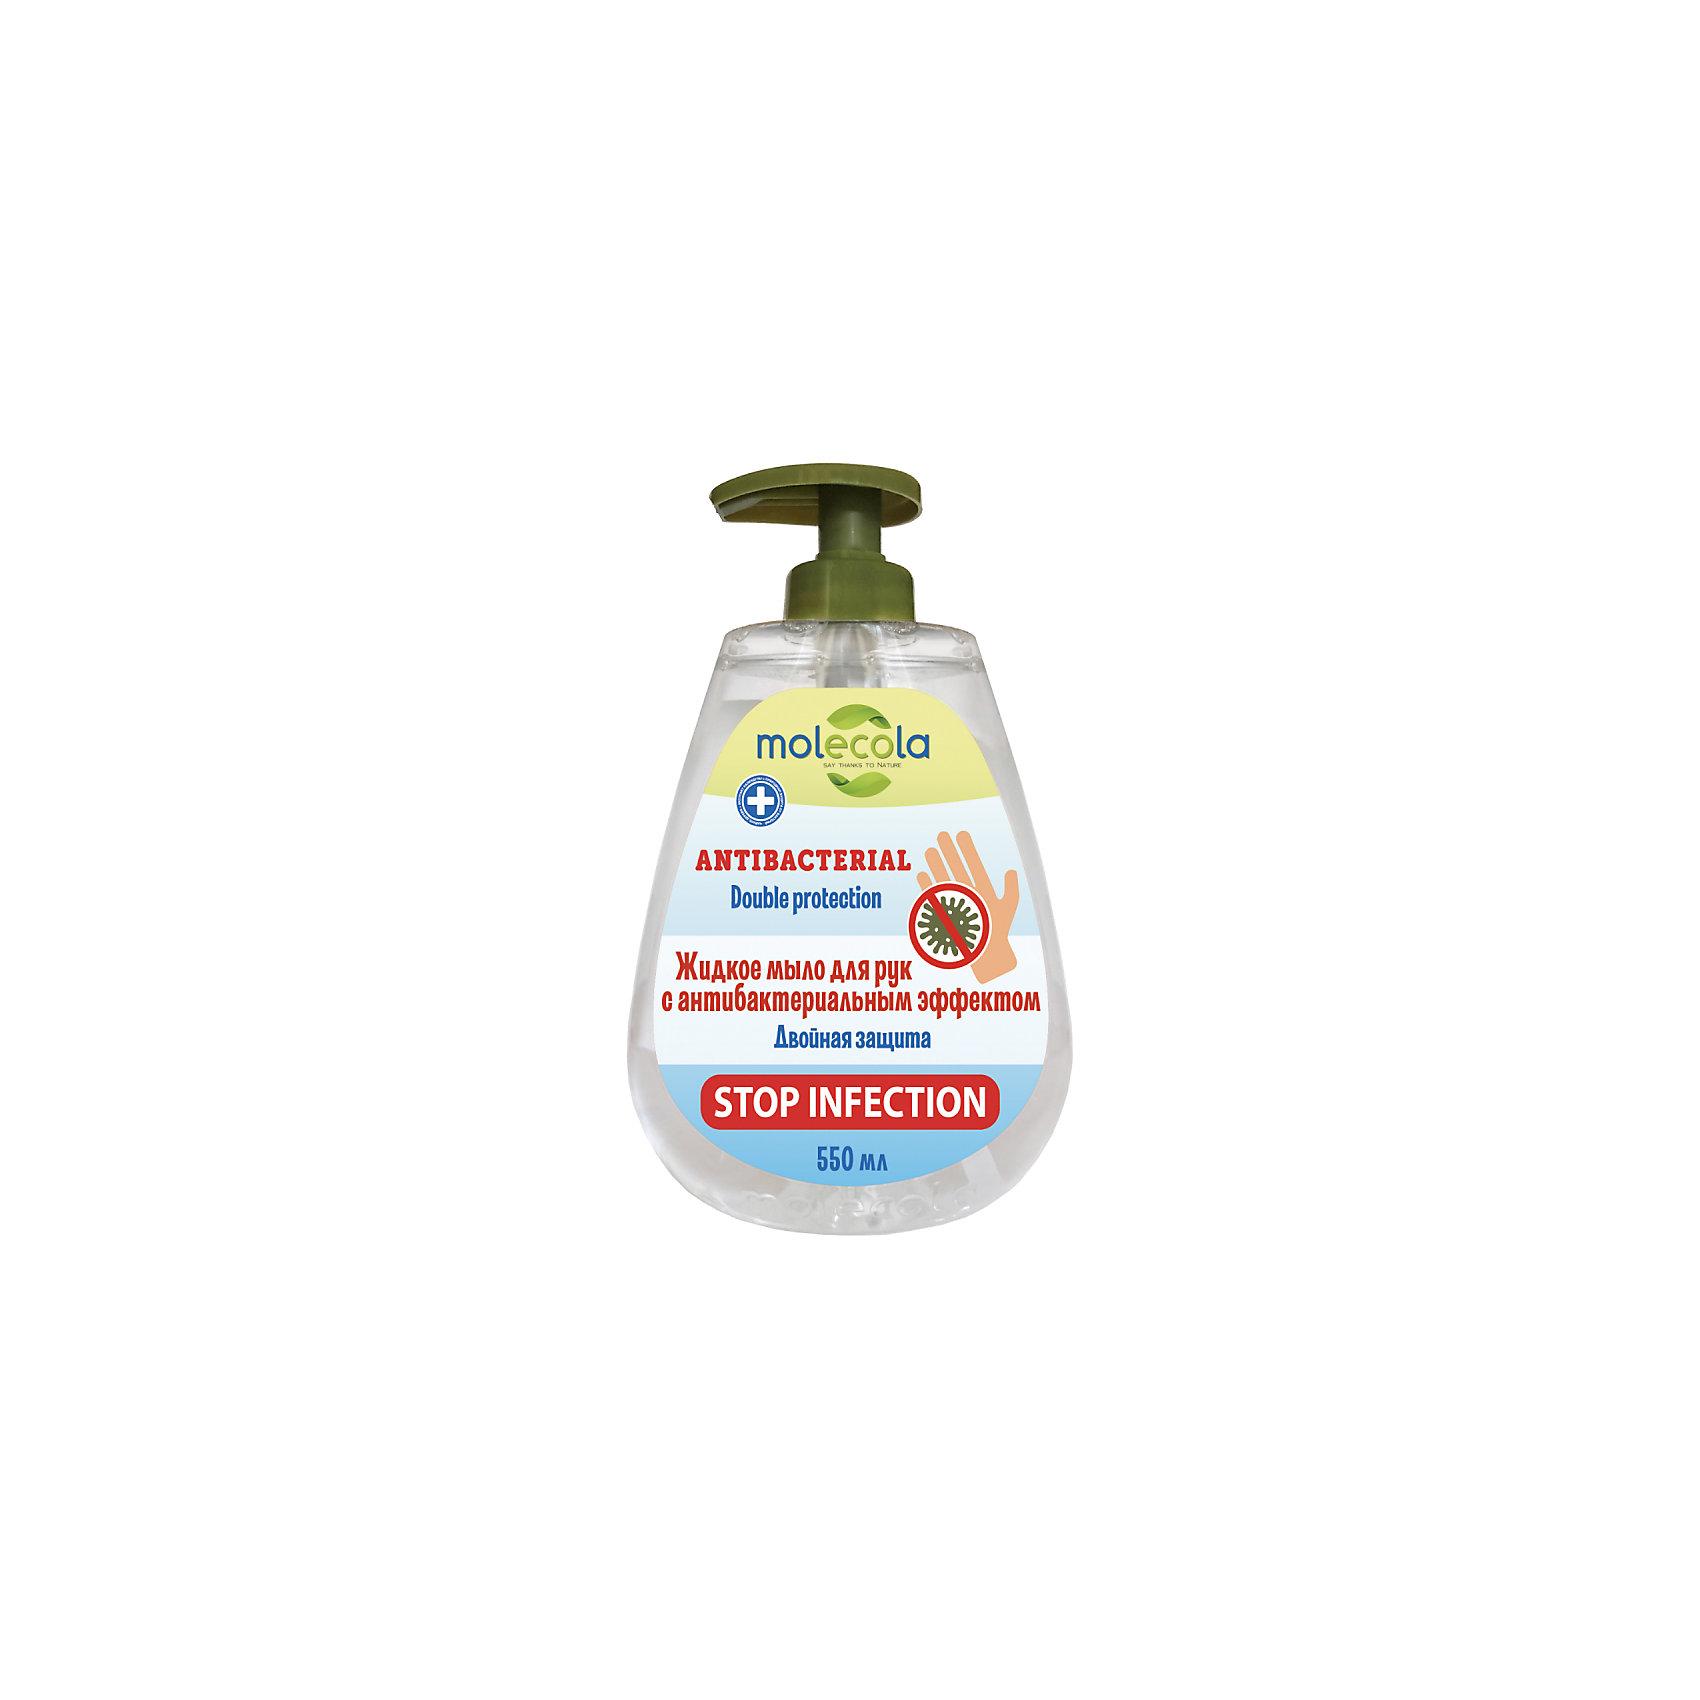 Жидкое мыло для рук Molecola с антибактериальным эффектом, 550 мл по цене 186